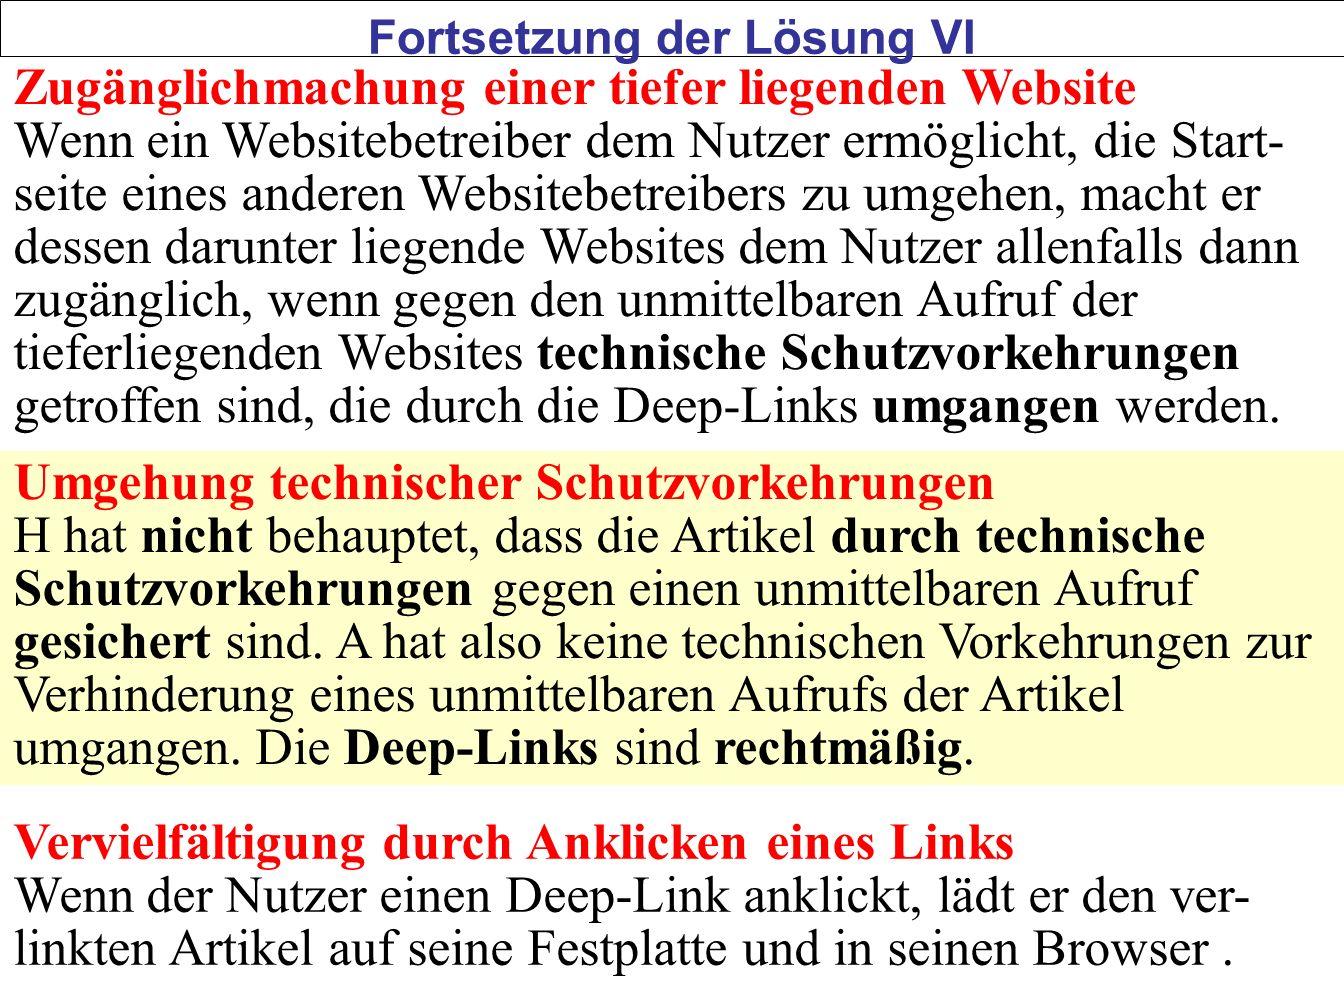 53 Zugänglichmachung einer tiefer liegenden Website Wenn ein Websitebetreiber dem Nutzer ermöglicht, die Start- seite eines anderen Websitebetreibers zu umgehen, macht er dessen darunter liegende Websites dem Nutzer allenfalls dann zugänglich, wenn gegen den unmittelbaren Aufruf der tieferliegenden Websites technische Schutzvorkehrungen getroffen sind, die durch die Deep-Links umgangen werden.